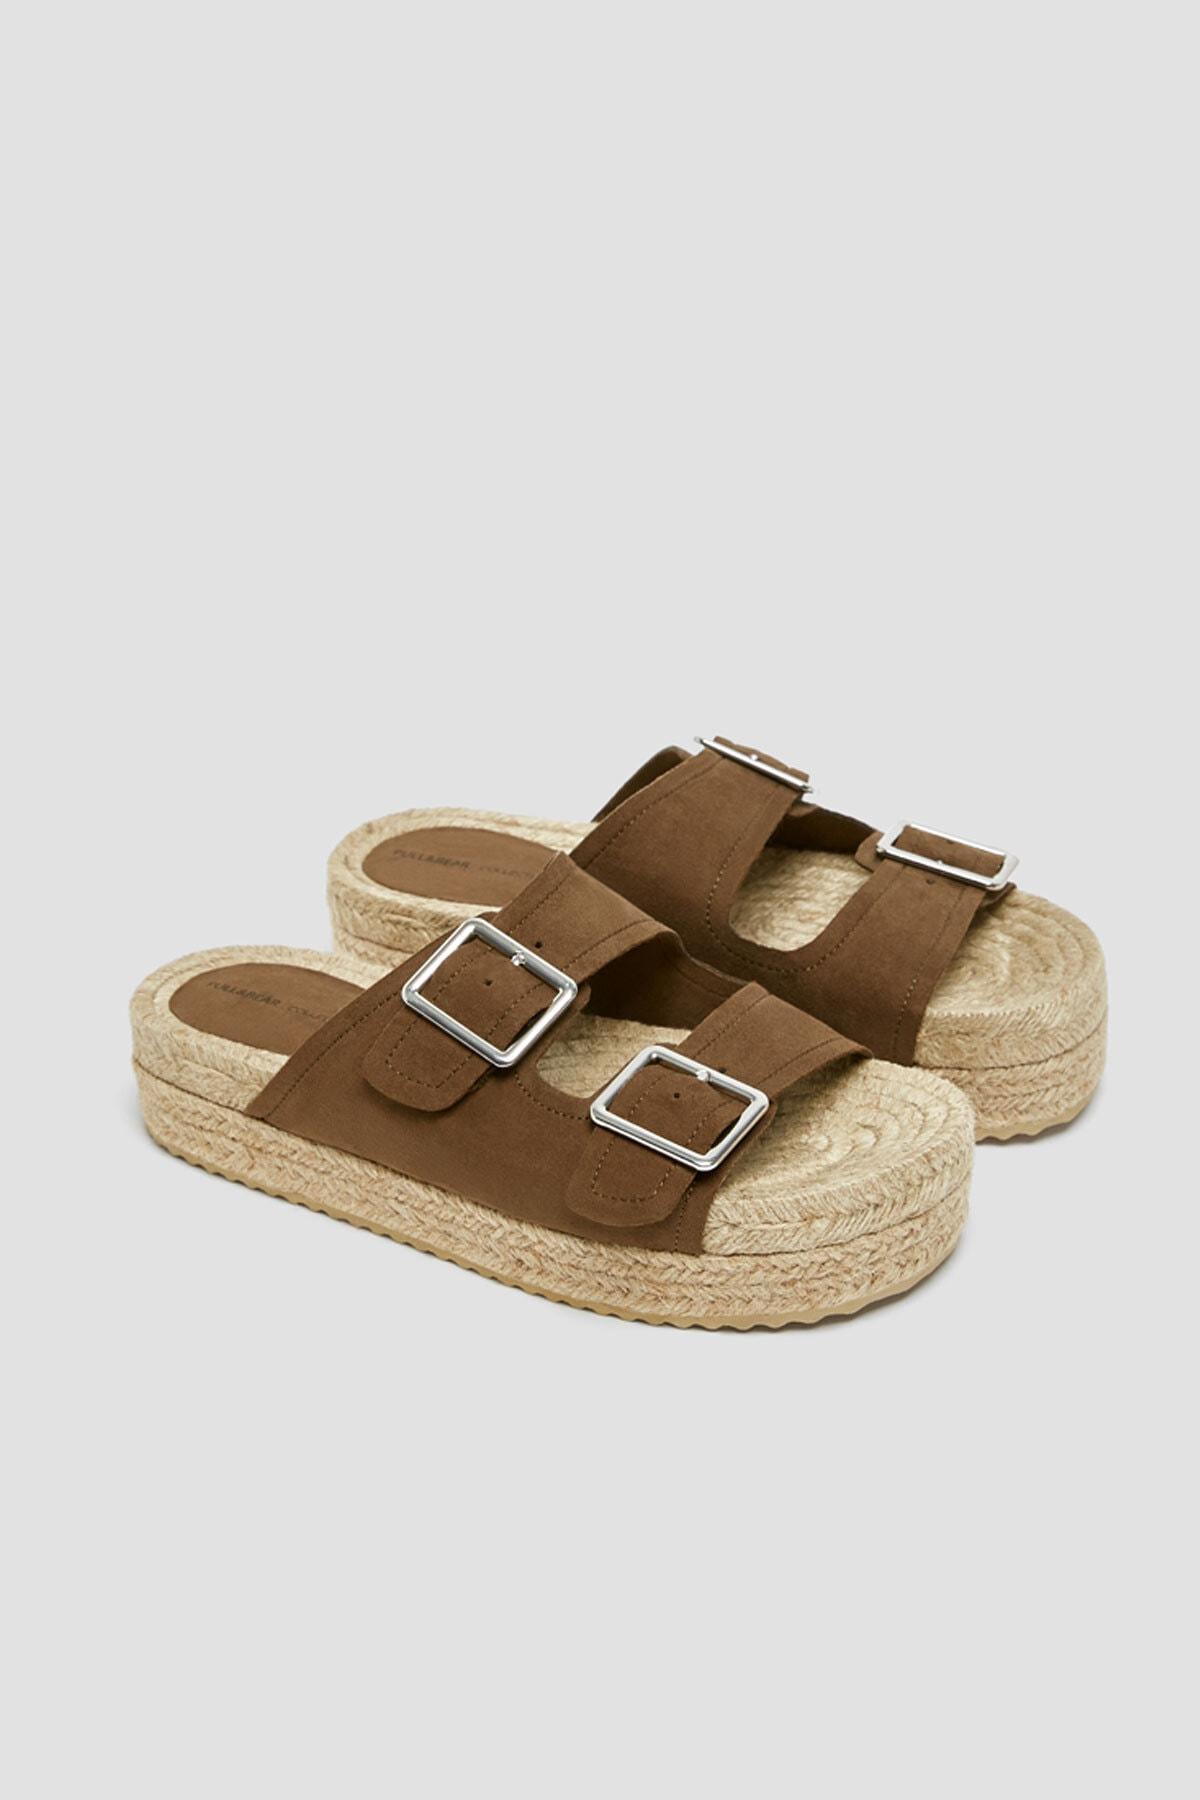 Pull & Bear Kadın Haki Tokalı Jüt Tabanlı Sandalet 11662540 4